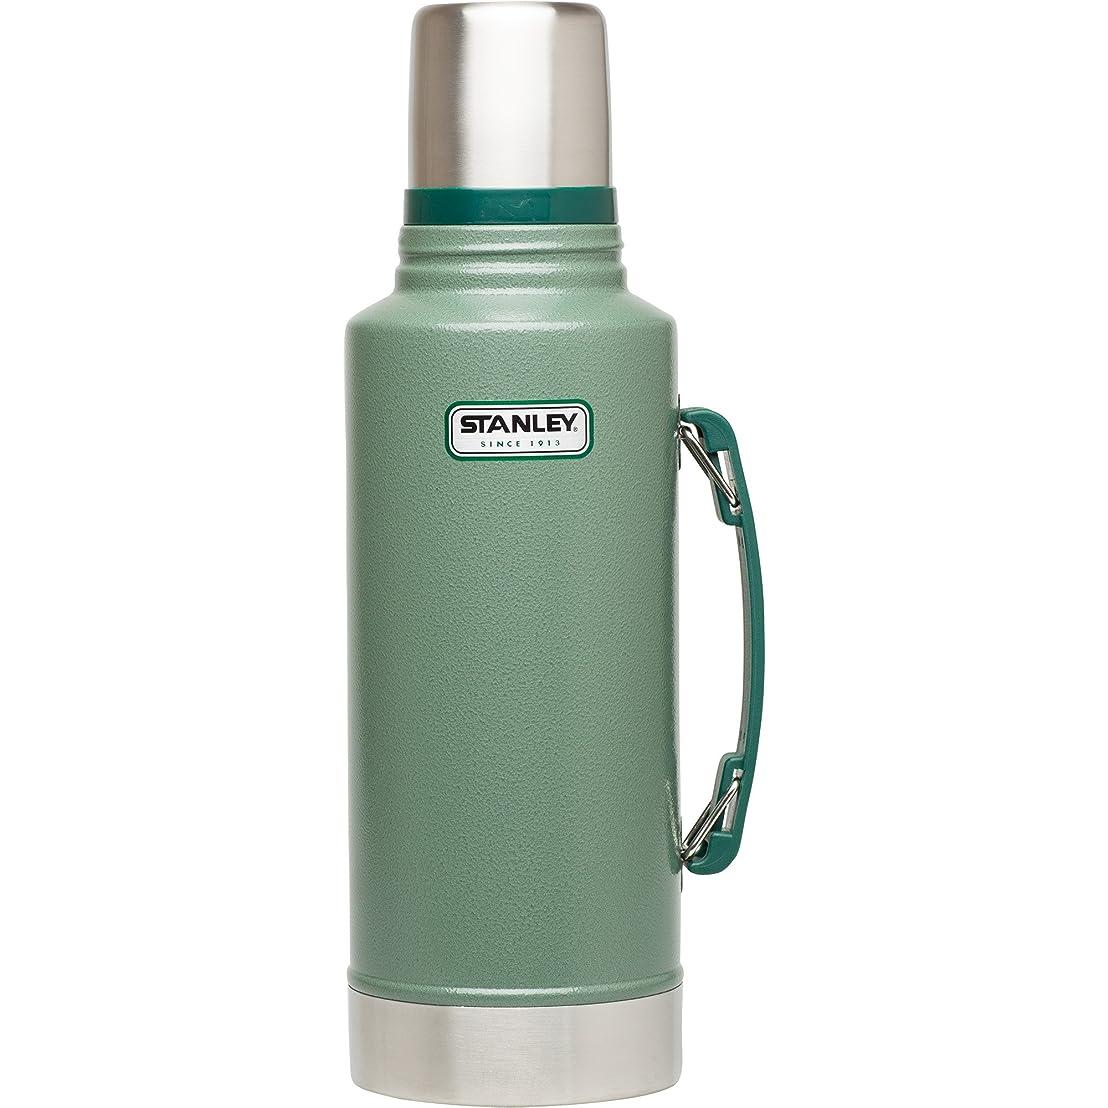 扇動する可塑性途方もないSTANLEY(スタンレー) クラシック真空ボトル 1.9L グリーン 水筒 01289-048 (日本正規品) 【旧ロゴ】